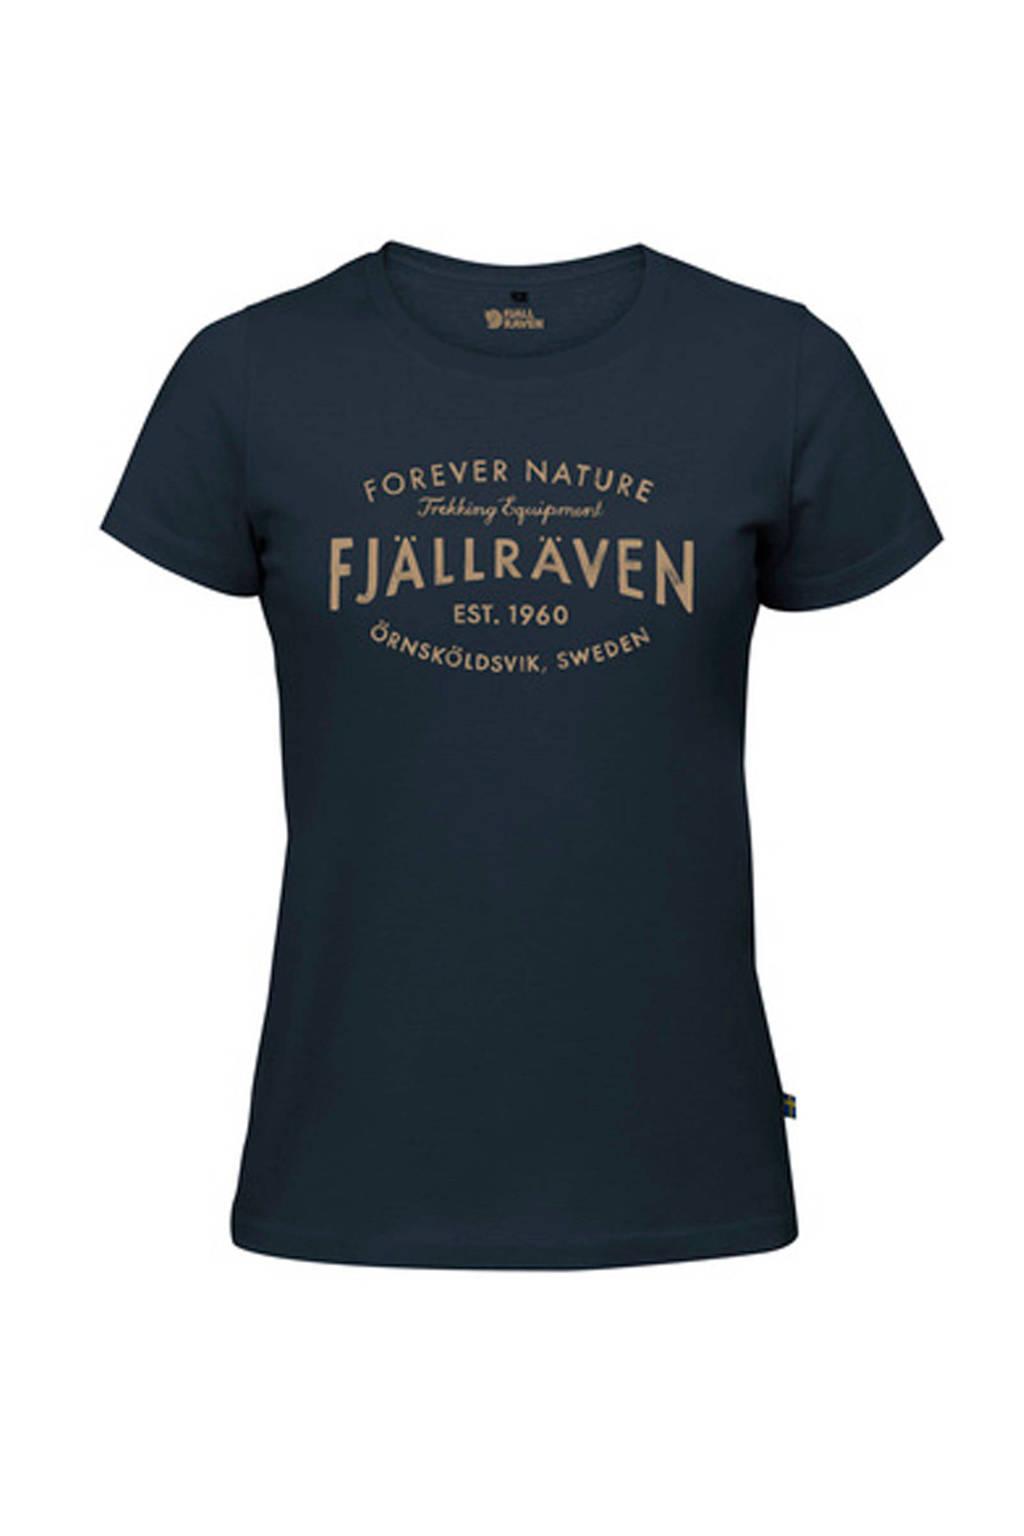 Fjällräven T-shirt donkerblauw, donekrblauw